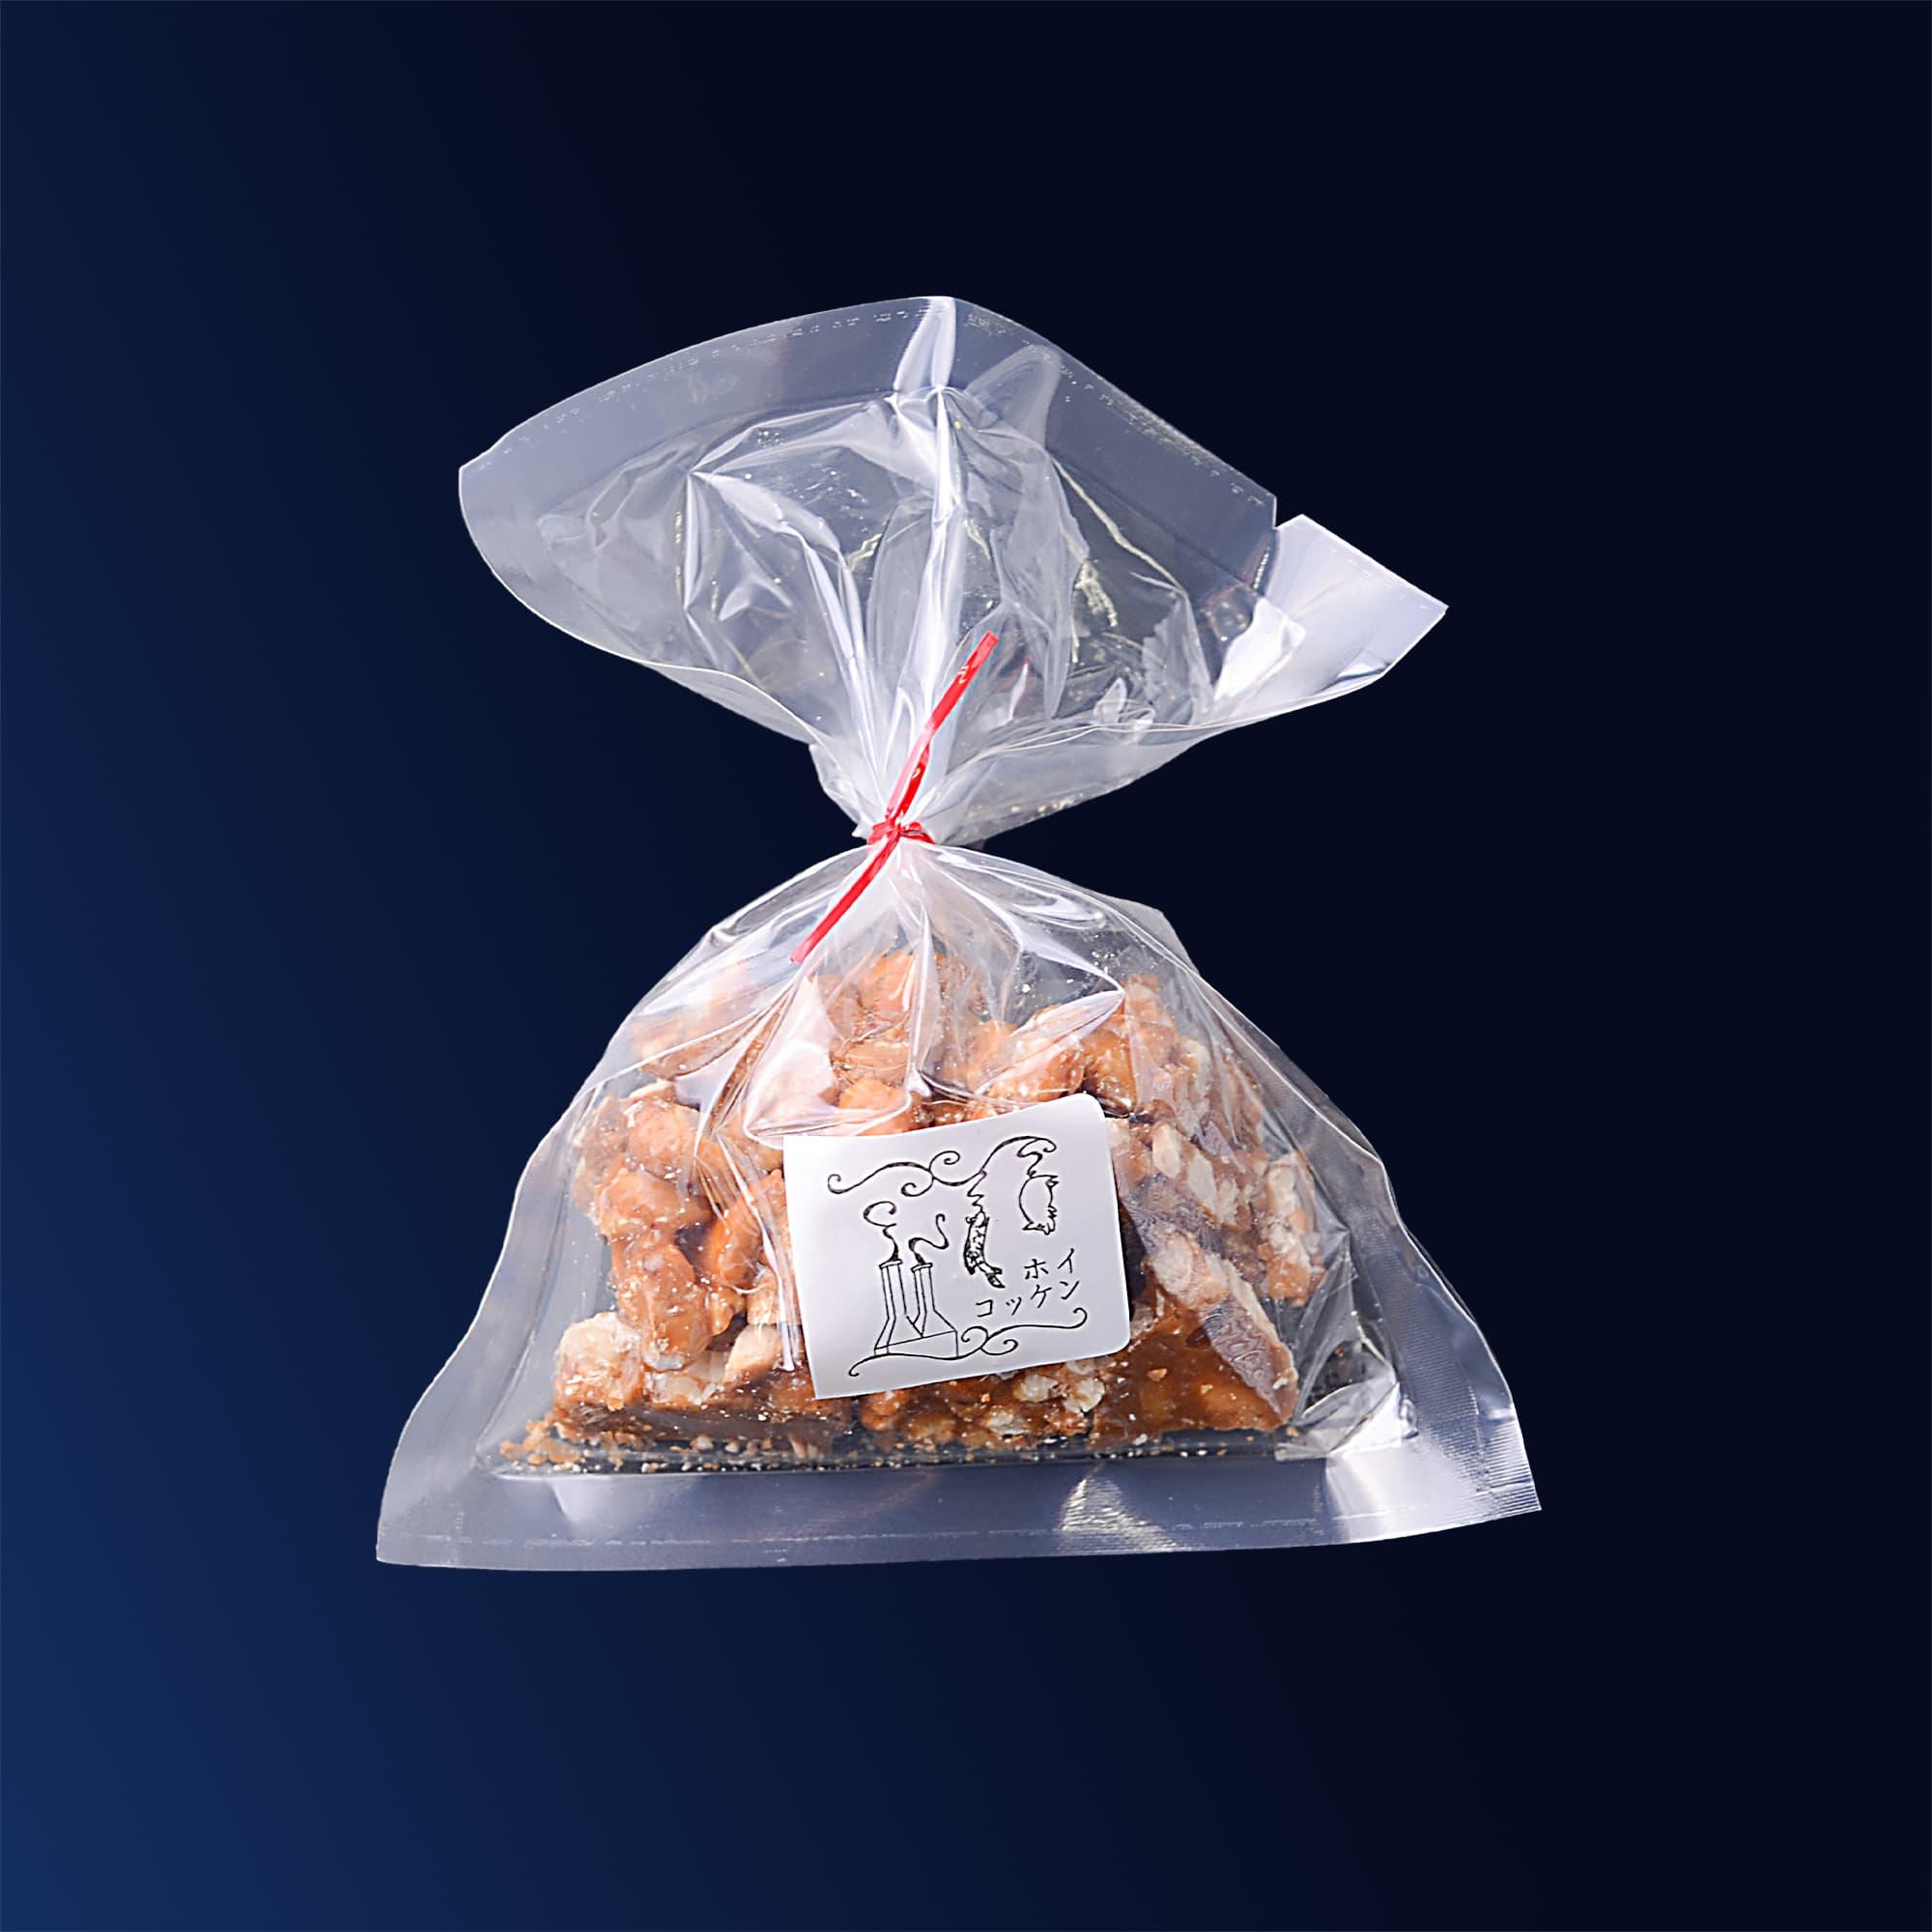 燻製キャラメルナッツ